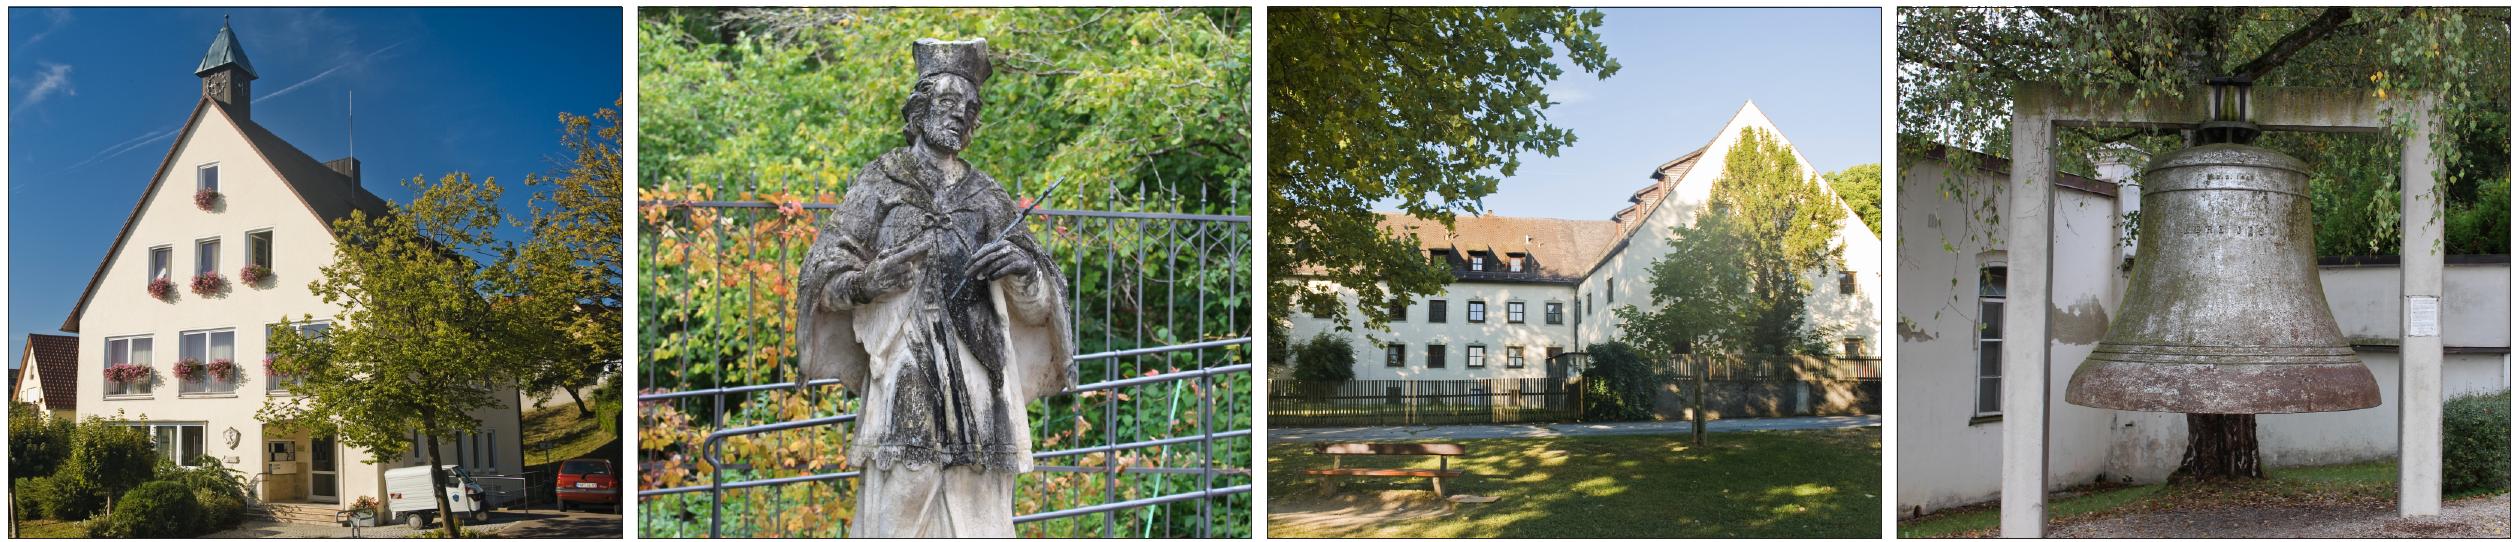 Scheyern, Stammsitz der Wittelsbacher, ist ein bürgerfreundlicher Wohnort in der Hallertau mit sehr langer Tradition. Er bietet seinen Bürgern eine ideale Kombination von Wohnen, Freizeit und Arbeit. Aktuell leben etwas 5000 Einwohner im Gemeindegebiet. Fotos: Gemeinde Scheyern, Simone Diaw